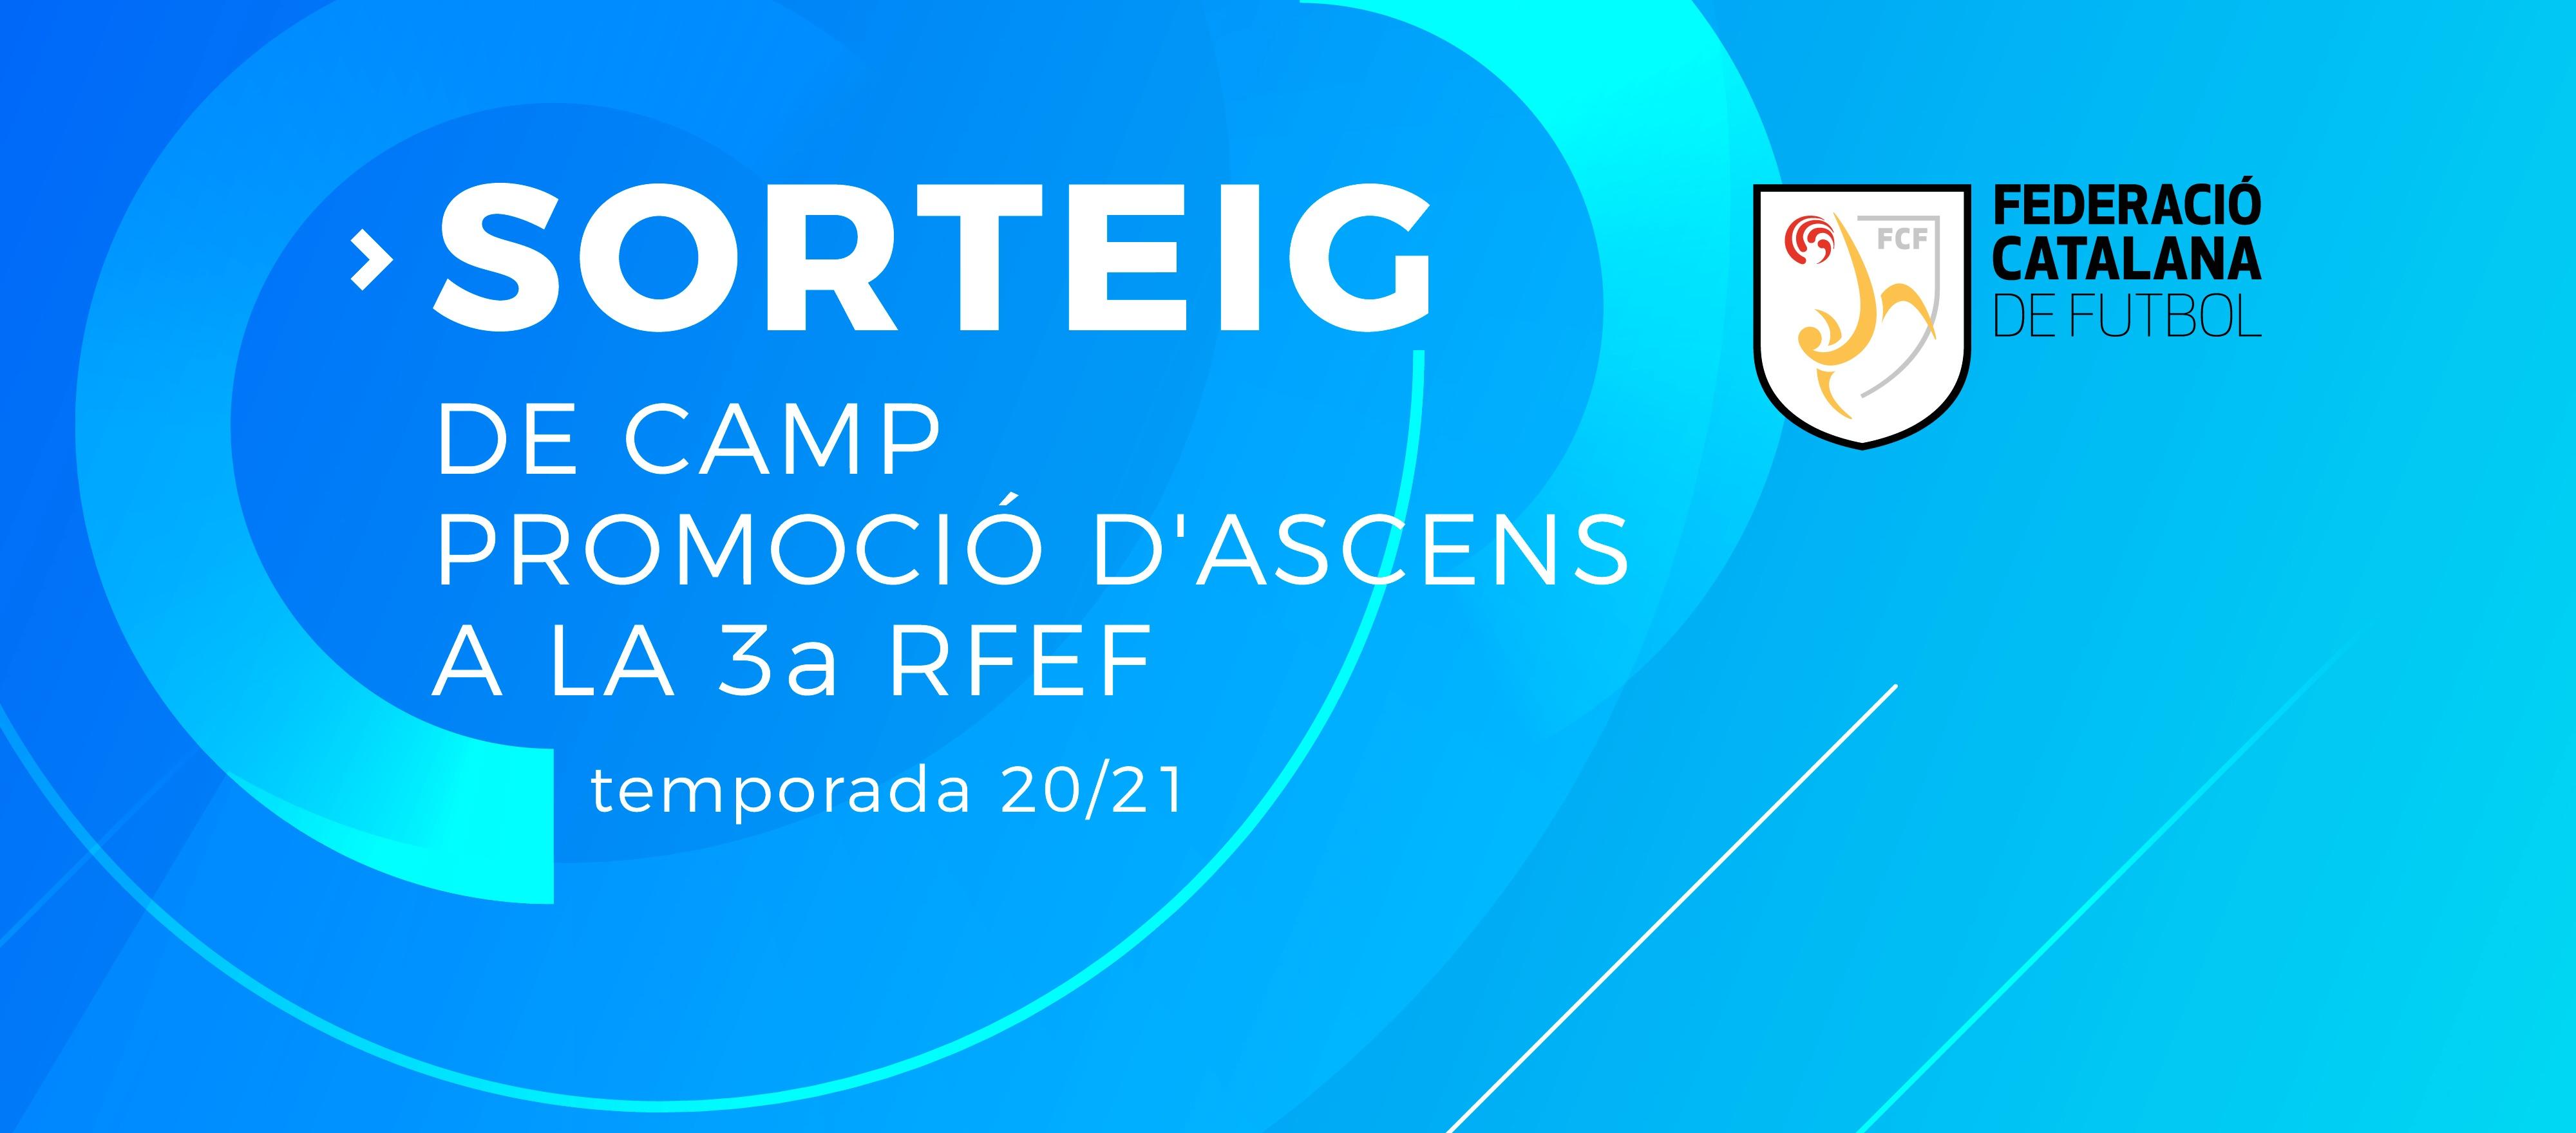 El sorteig de la fase d'ascens a la Tercera RFEF s'emetrà a l'FCF TV